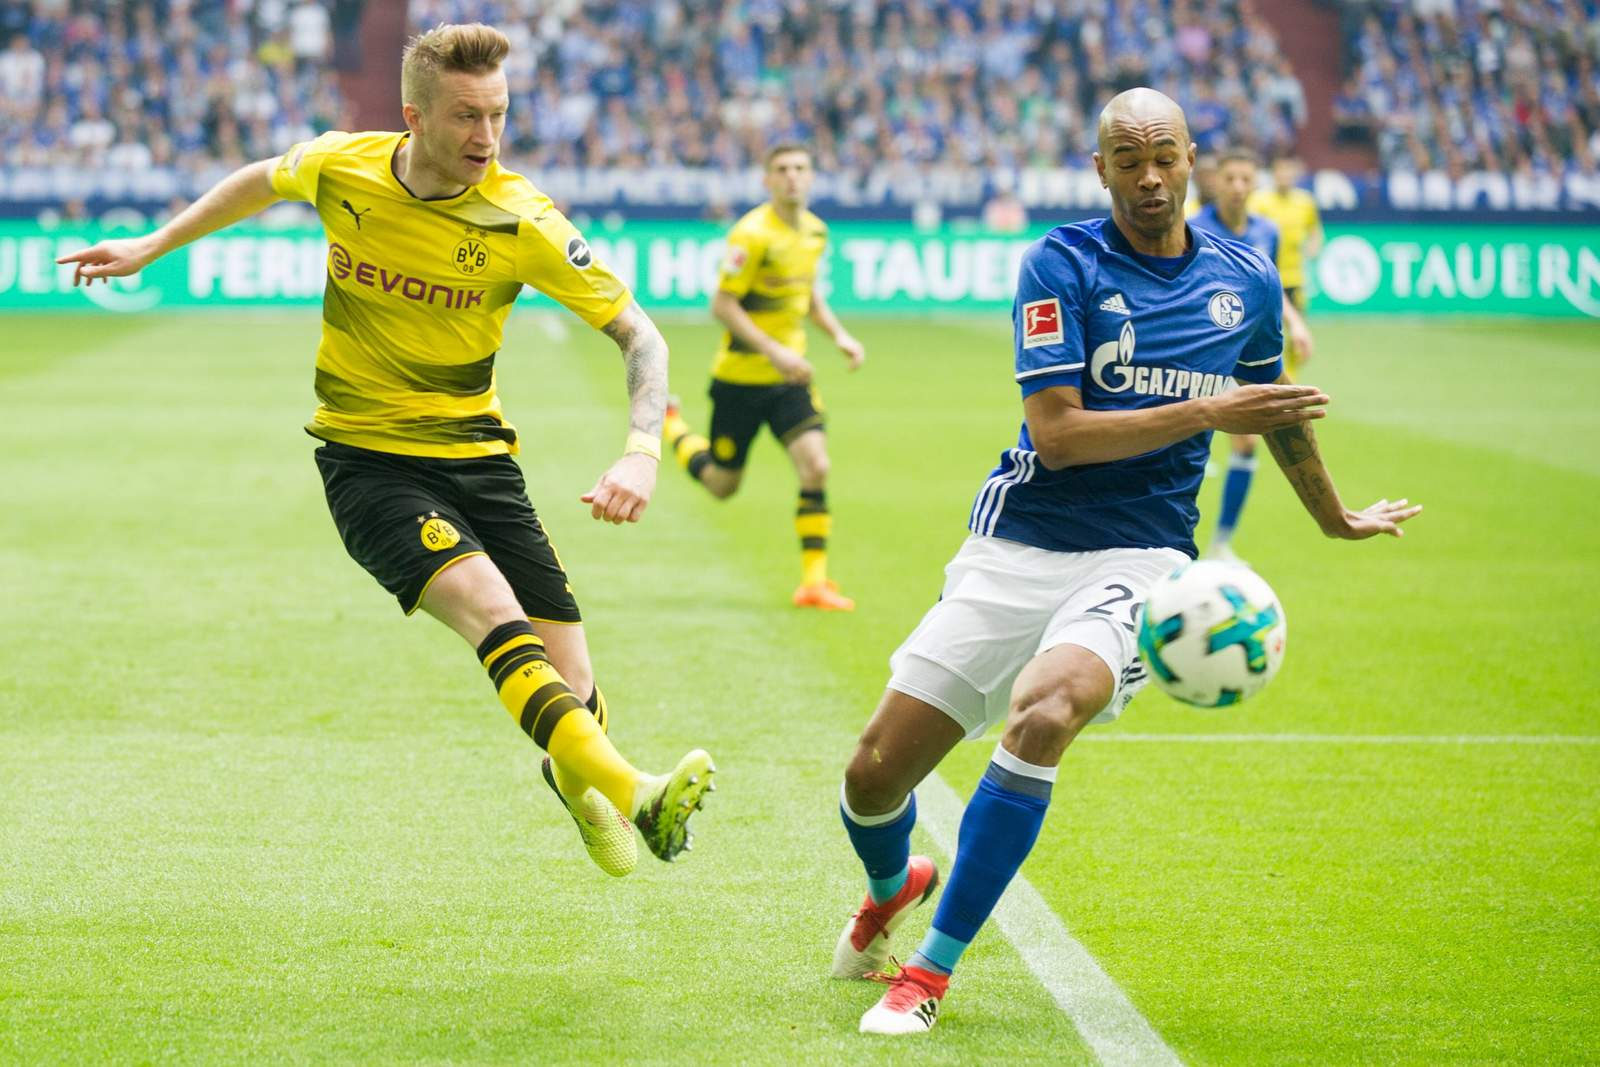 Setzt sich Reus gegen Naldo durch? Jetzt auf Schalke gegen BVB wetten